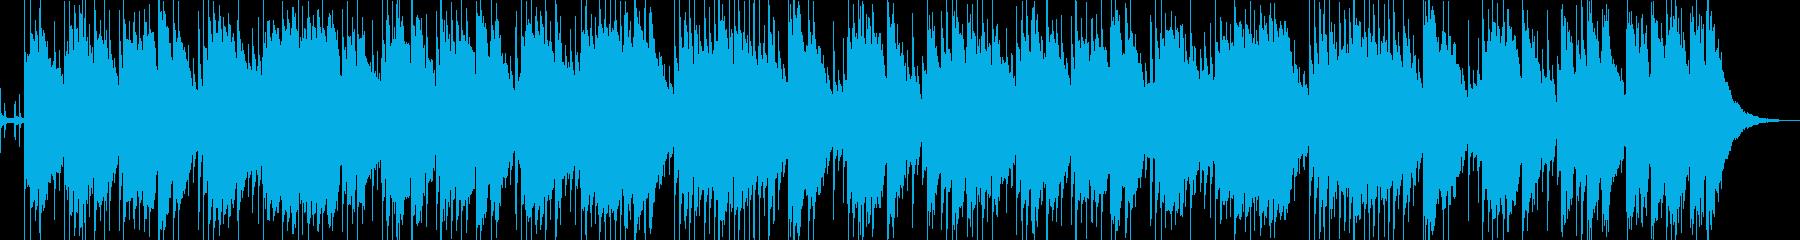 ゆったりとしたアコギのバラードの再生済みの波形